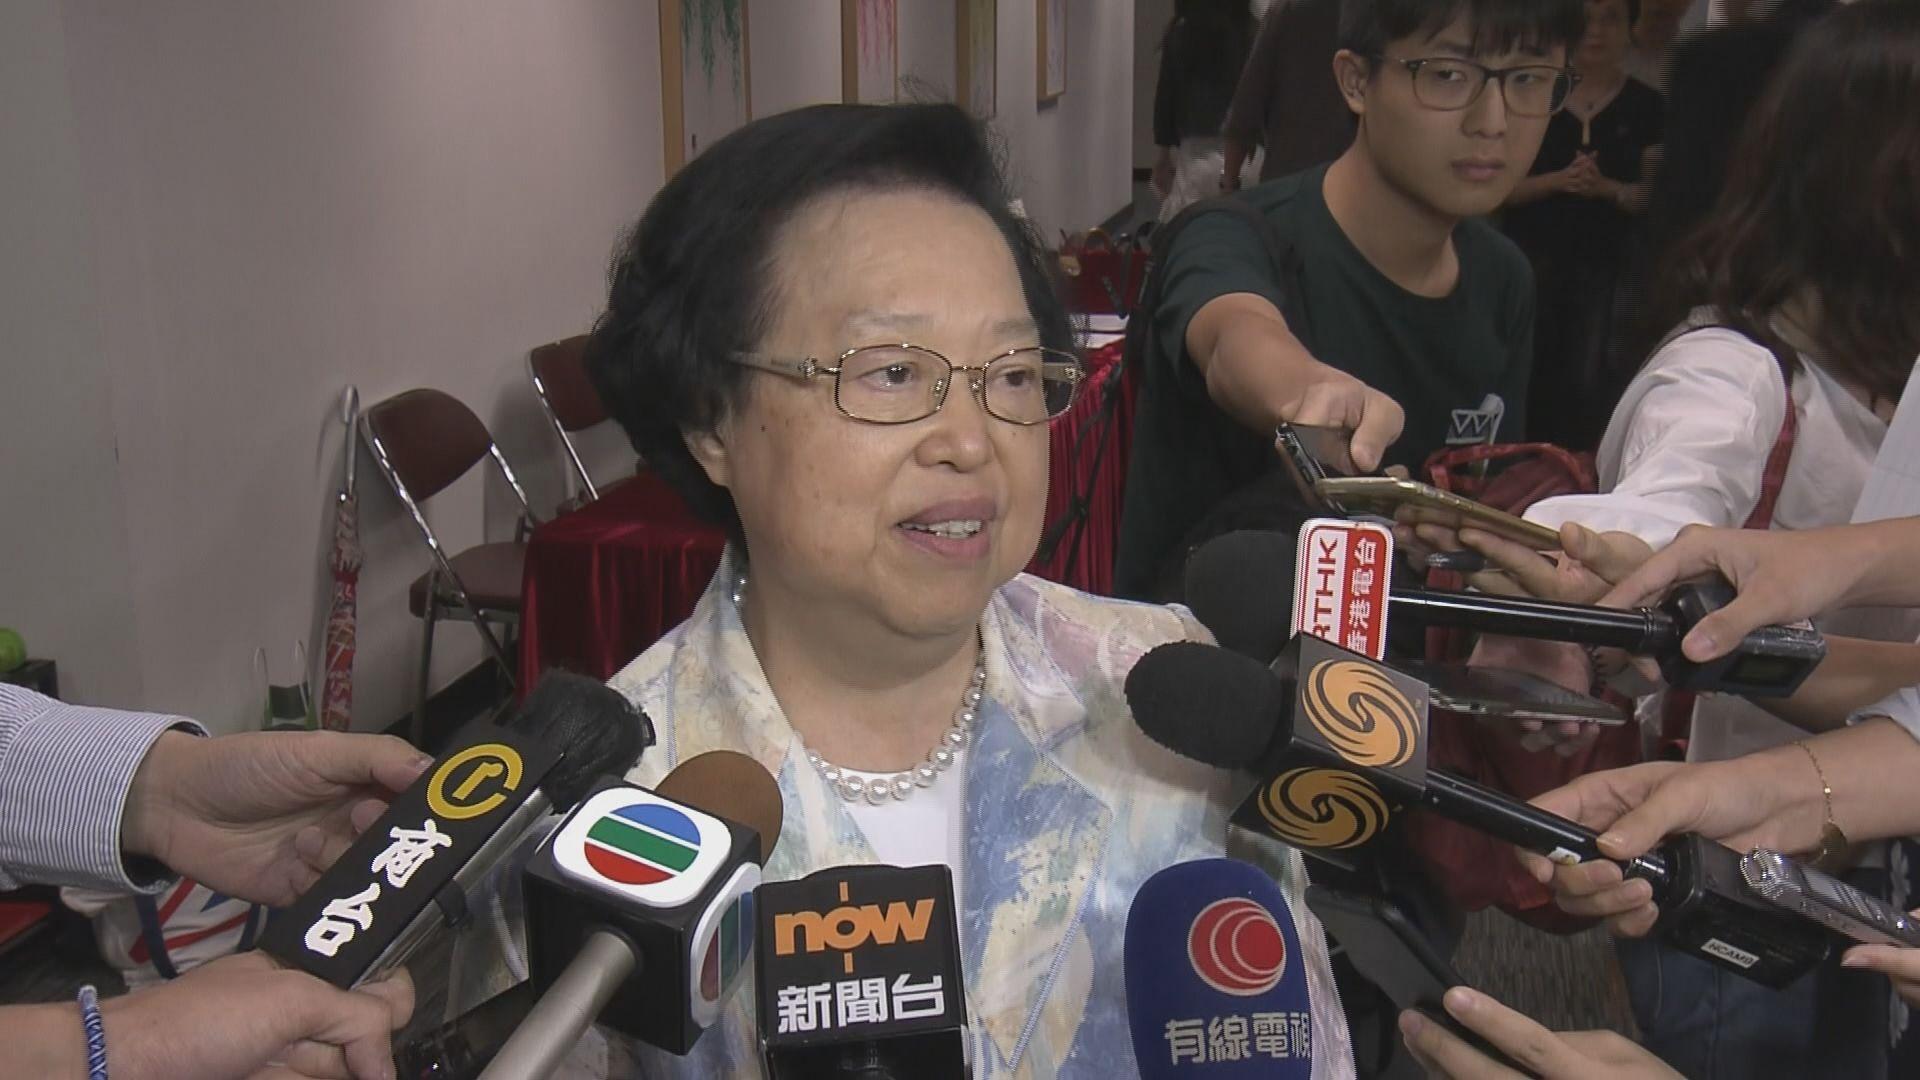 譚惠珠指港獨違憲並非選項